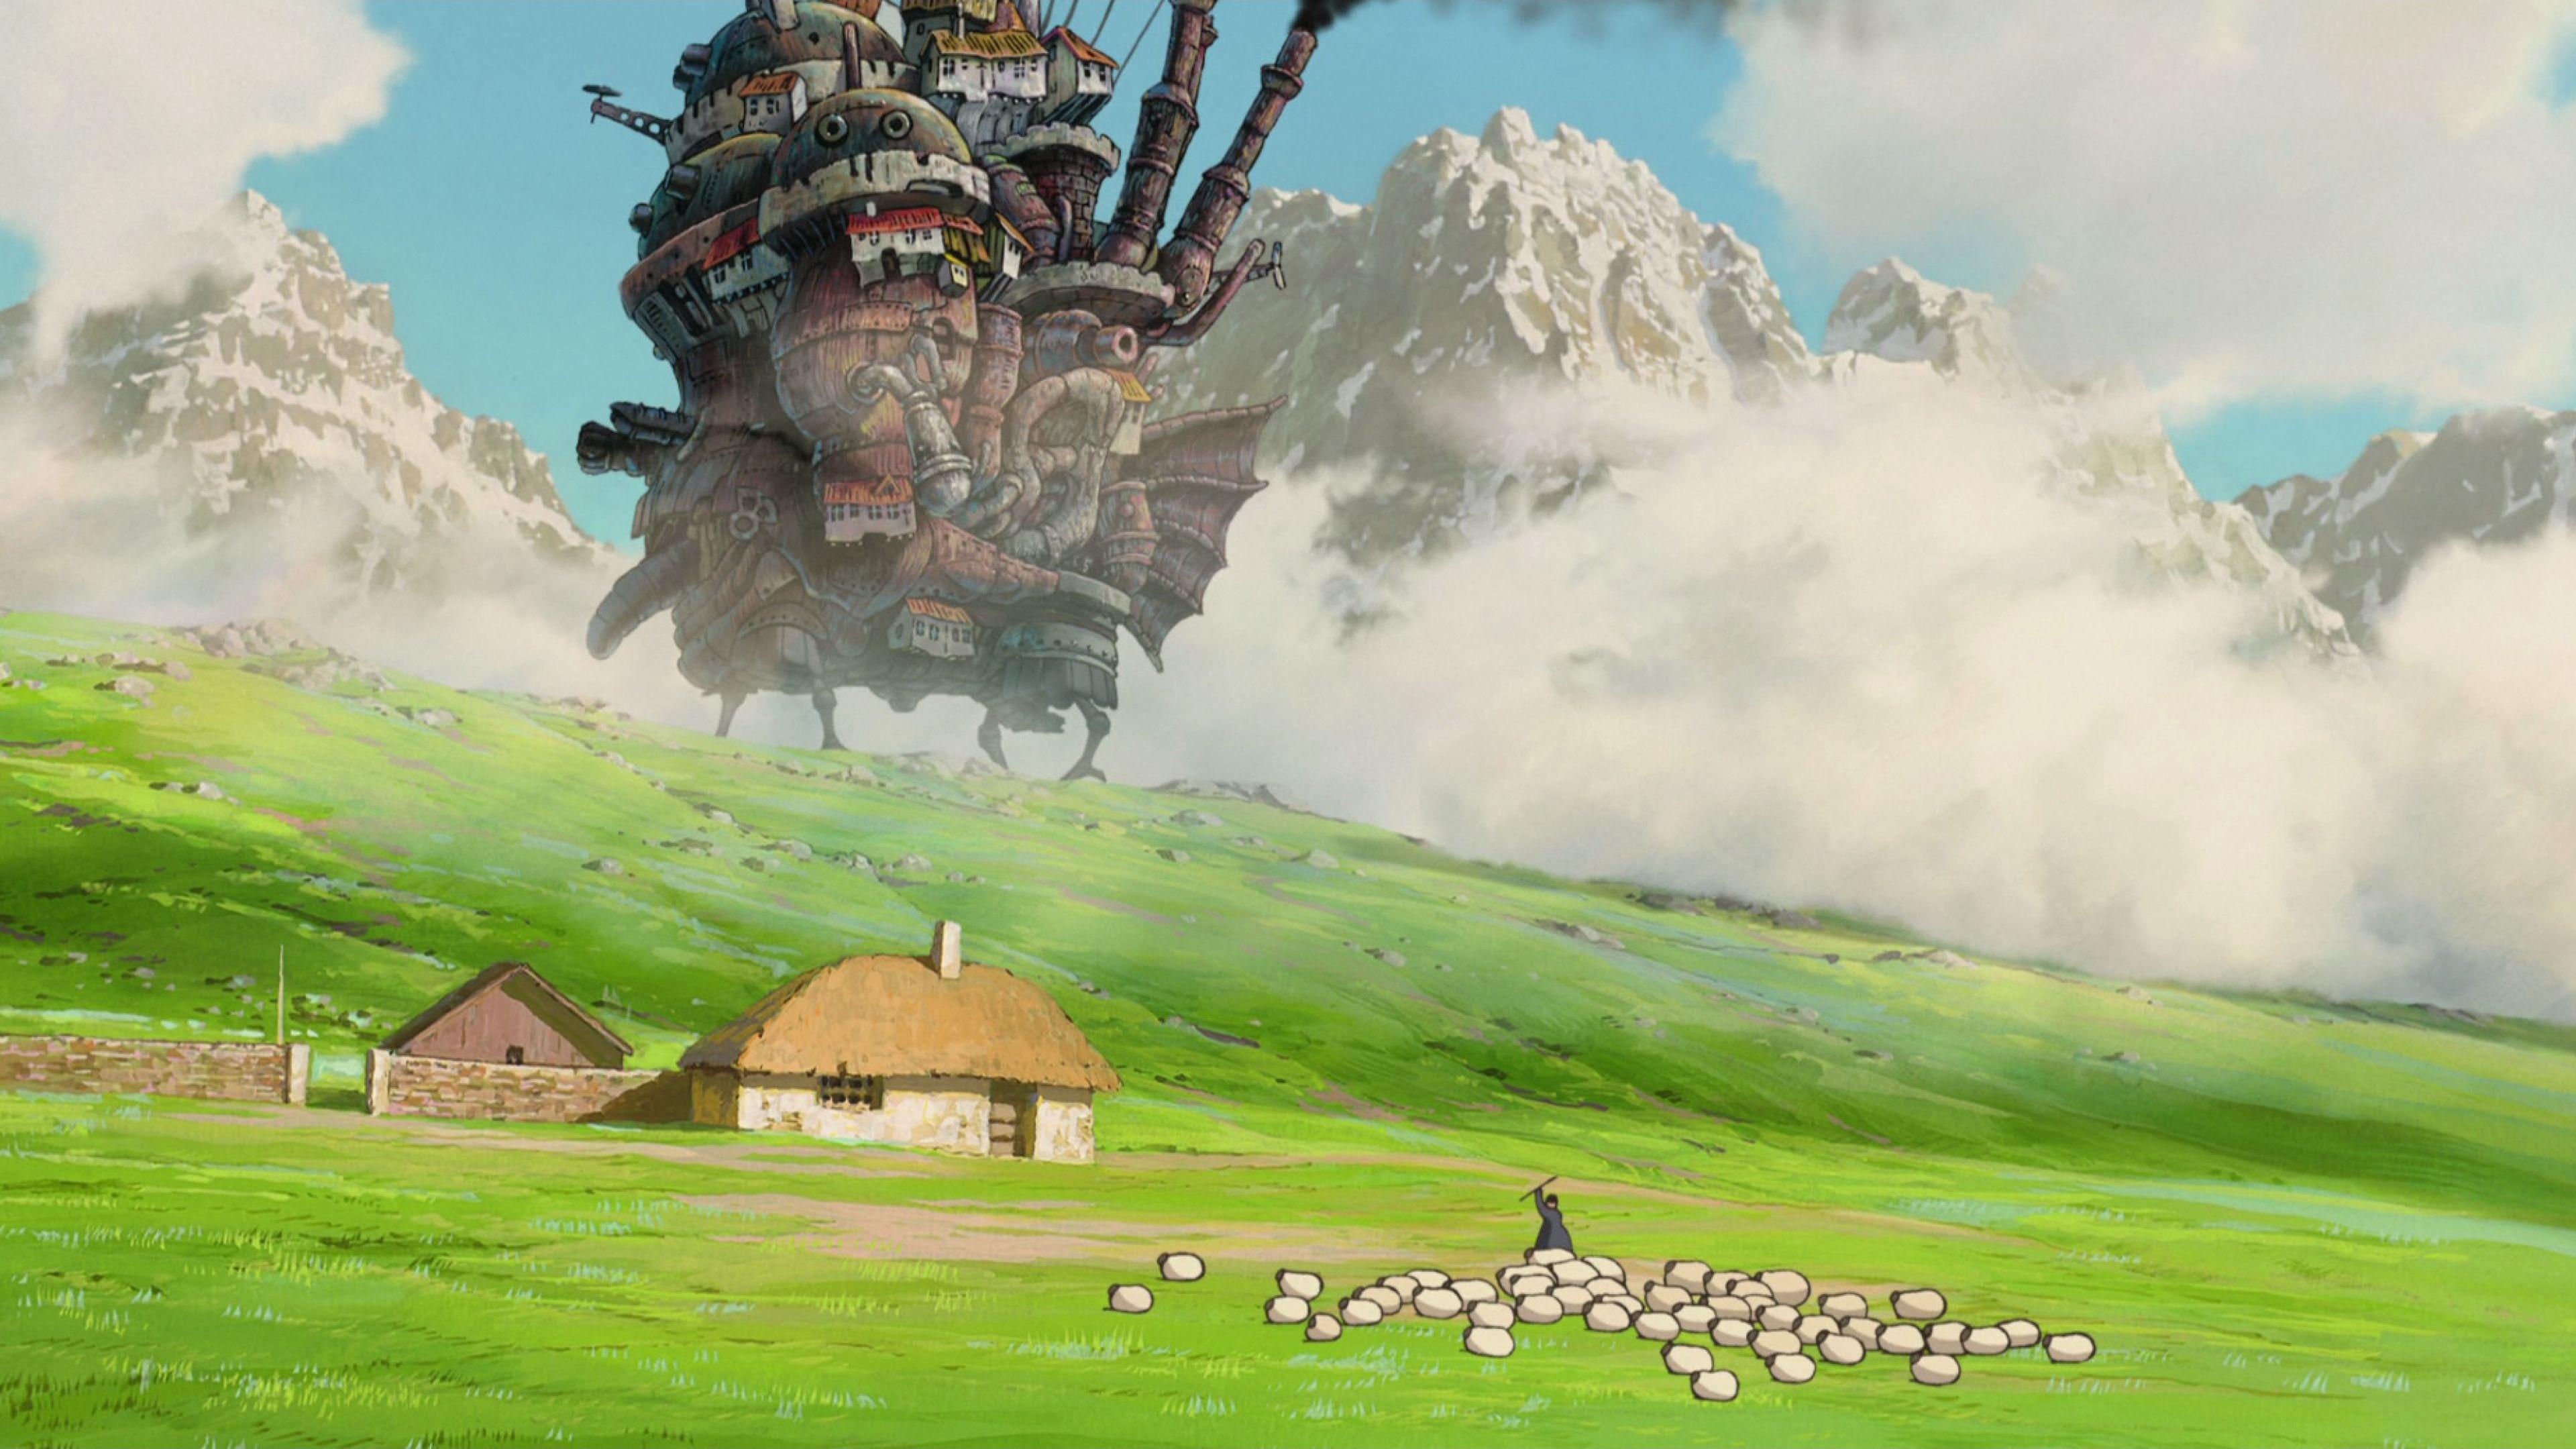 Hình nền Ghibli Studio cho Máy tính để bàn Miễn phí 3840x2160